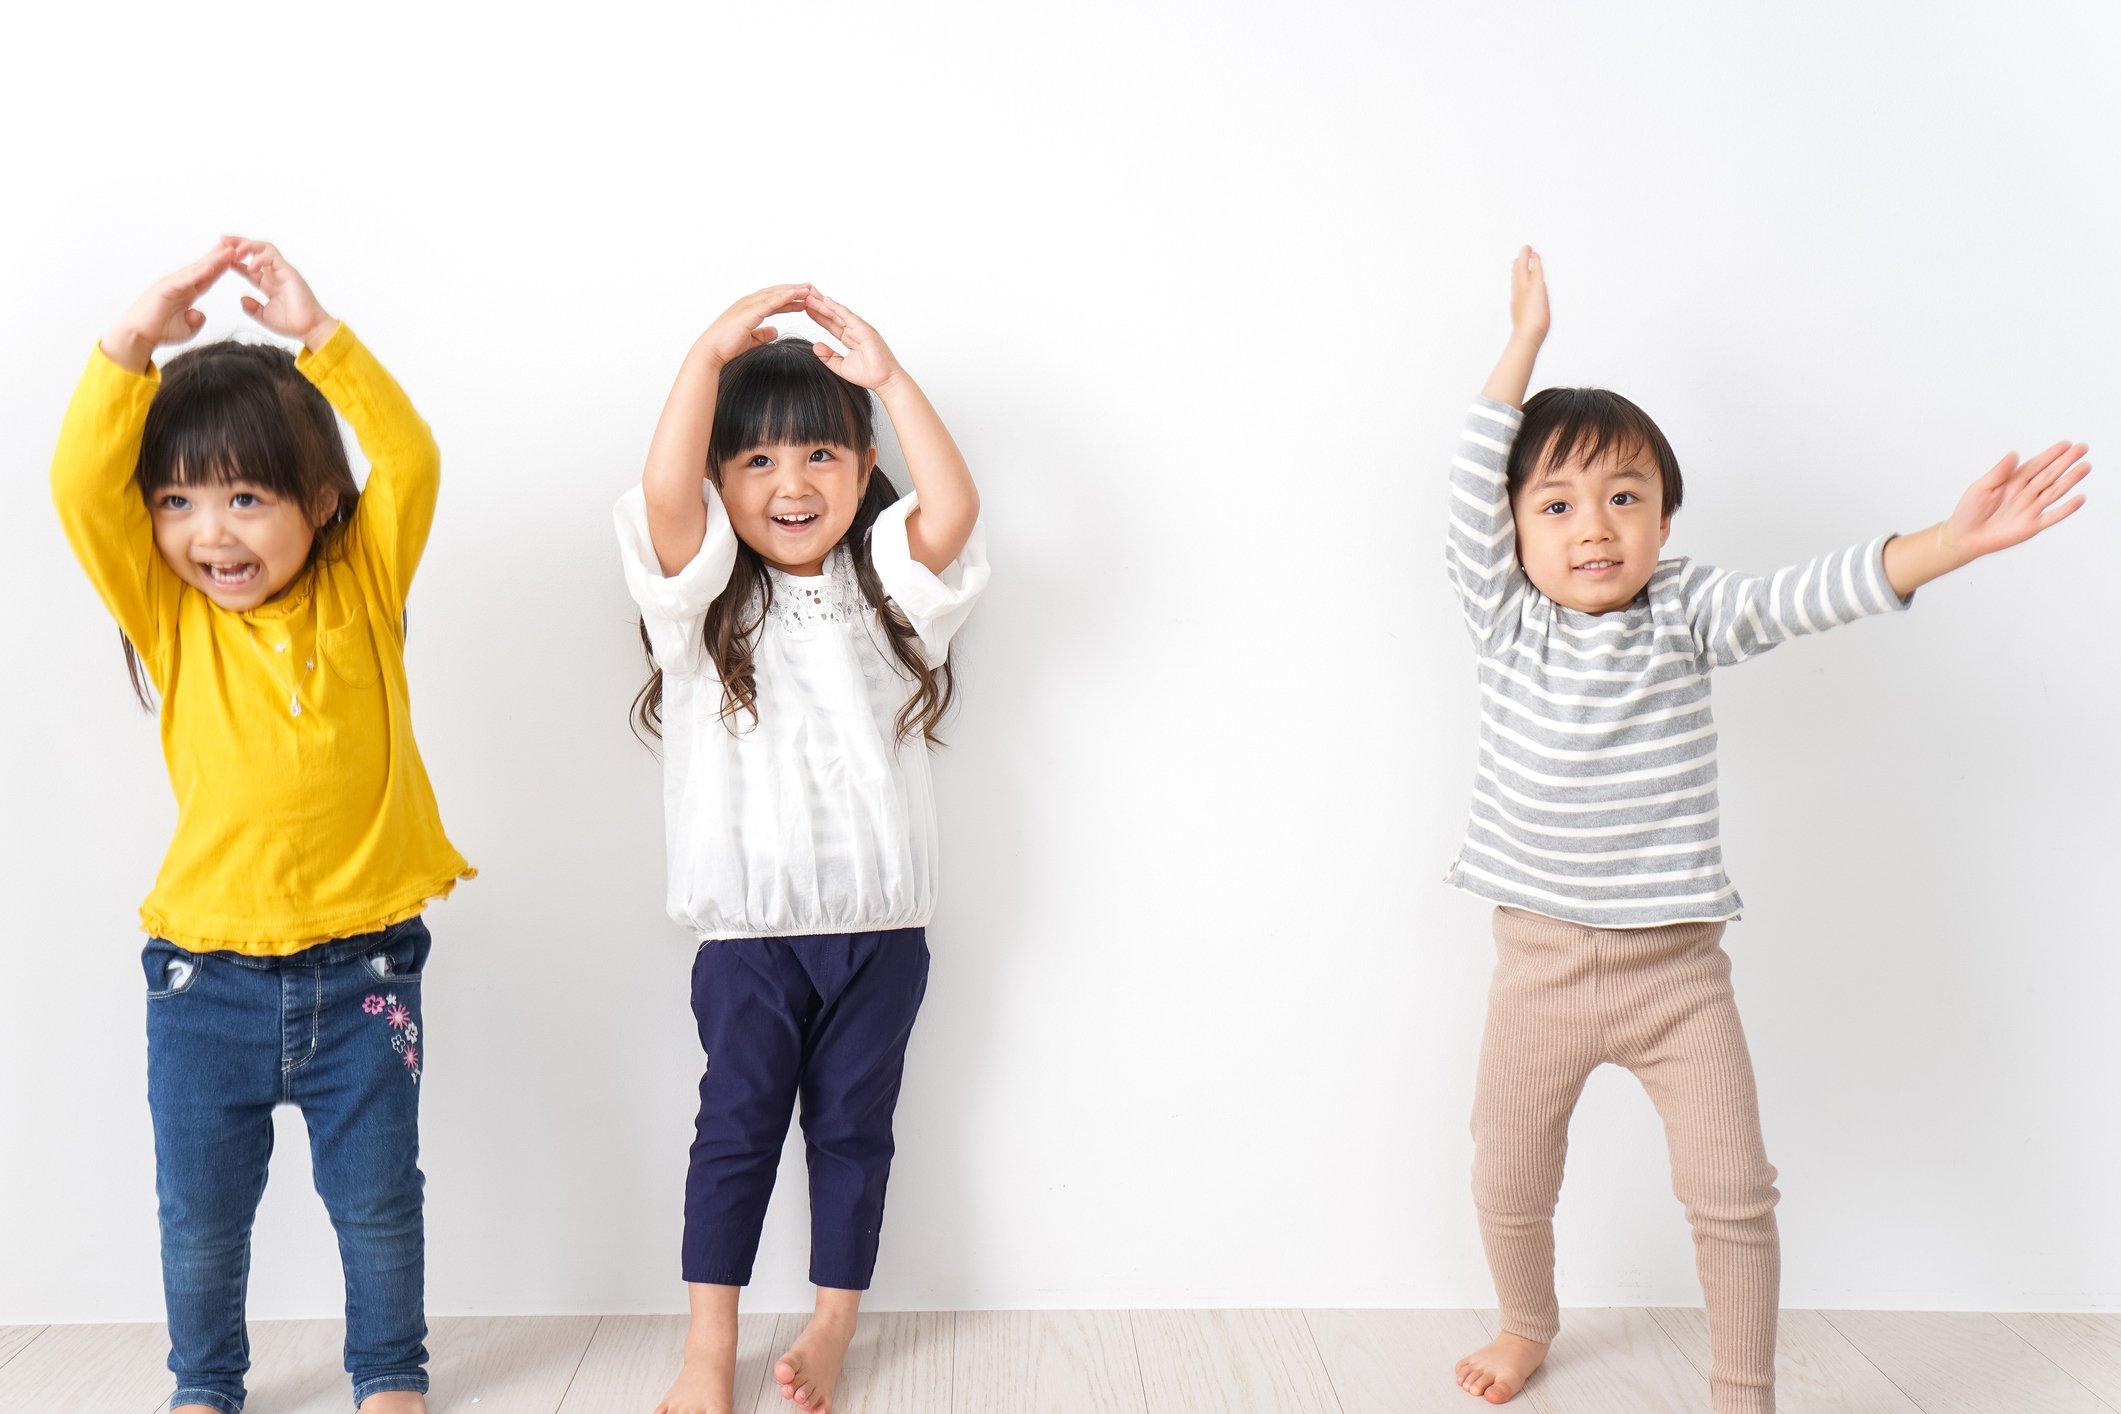 49 Activités Physiques Plaisantes À Faire Avec Des Enfants encequiconcerne Exercice Enfant 4 Ans